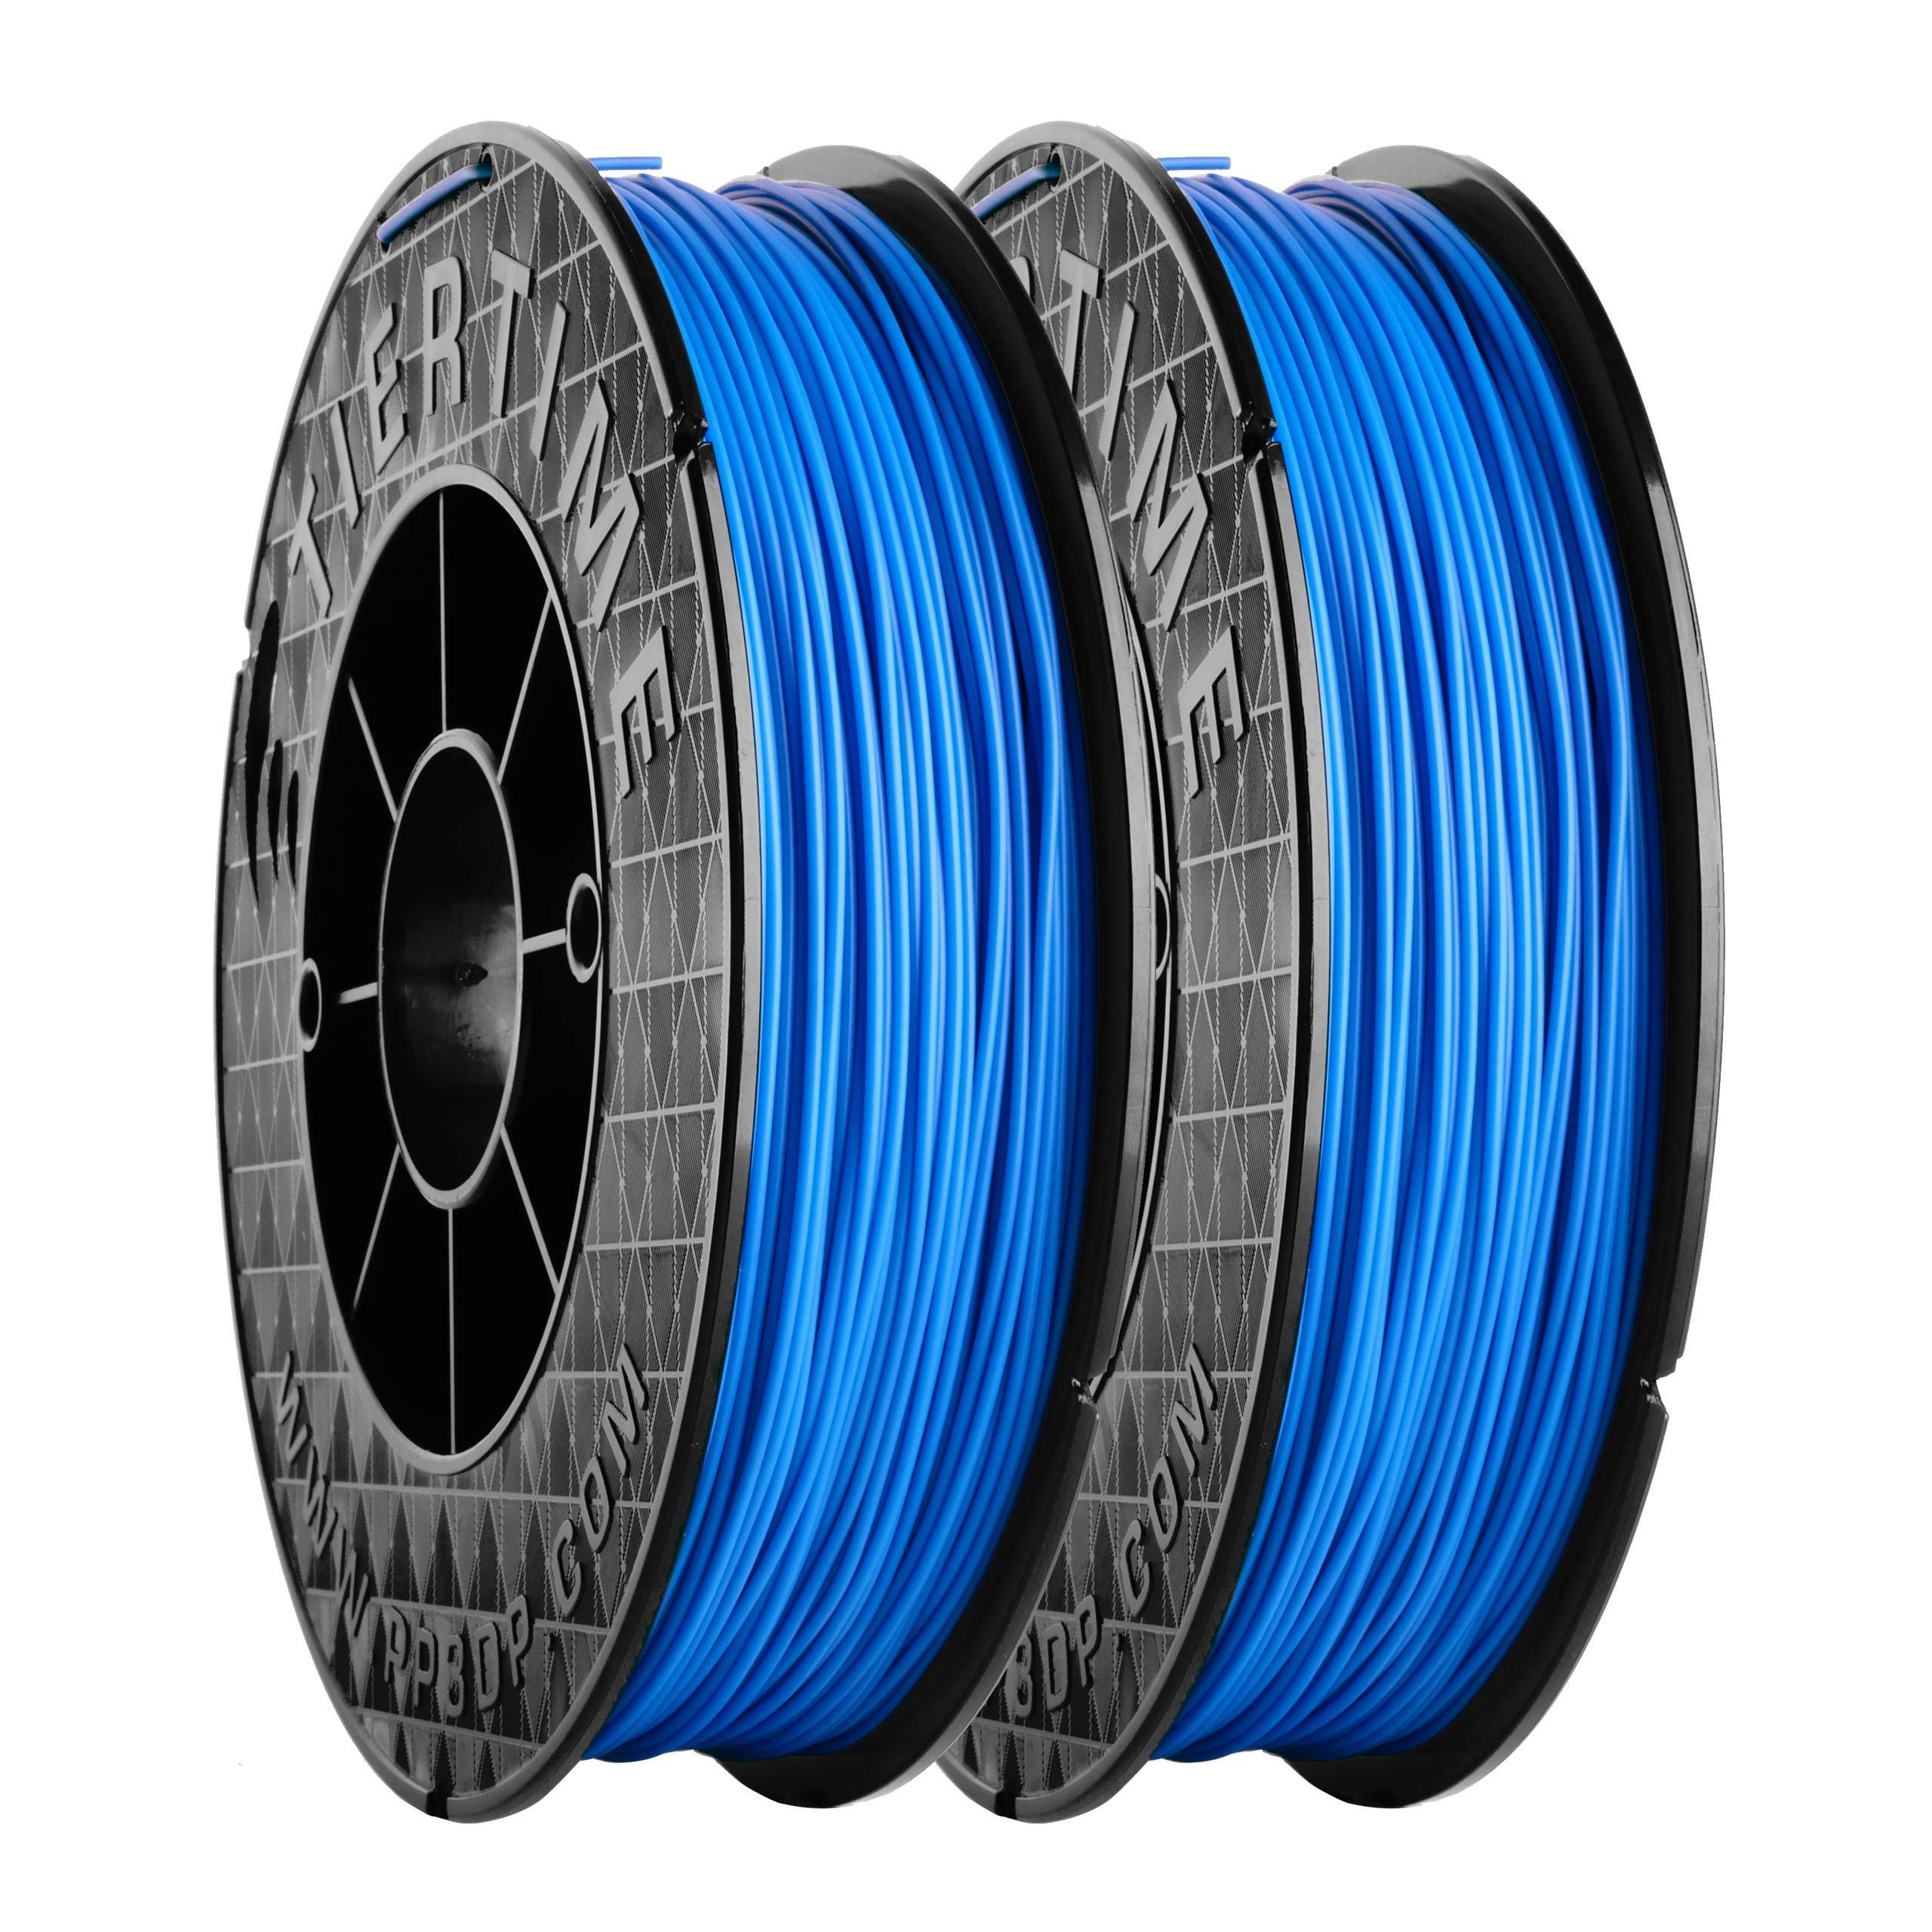 Filamento ABS 1.75mm 1kg COLOR FOTO-1 IMP 3D [17N7D0EK]